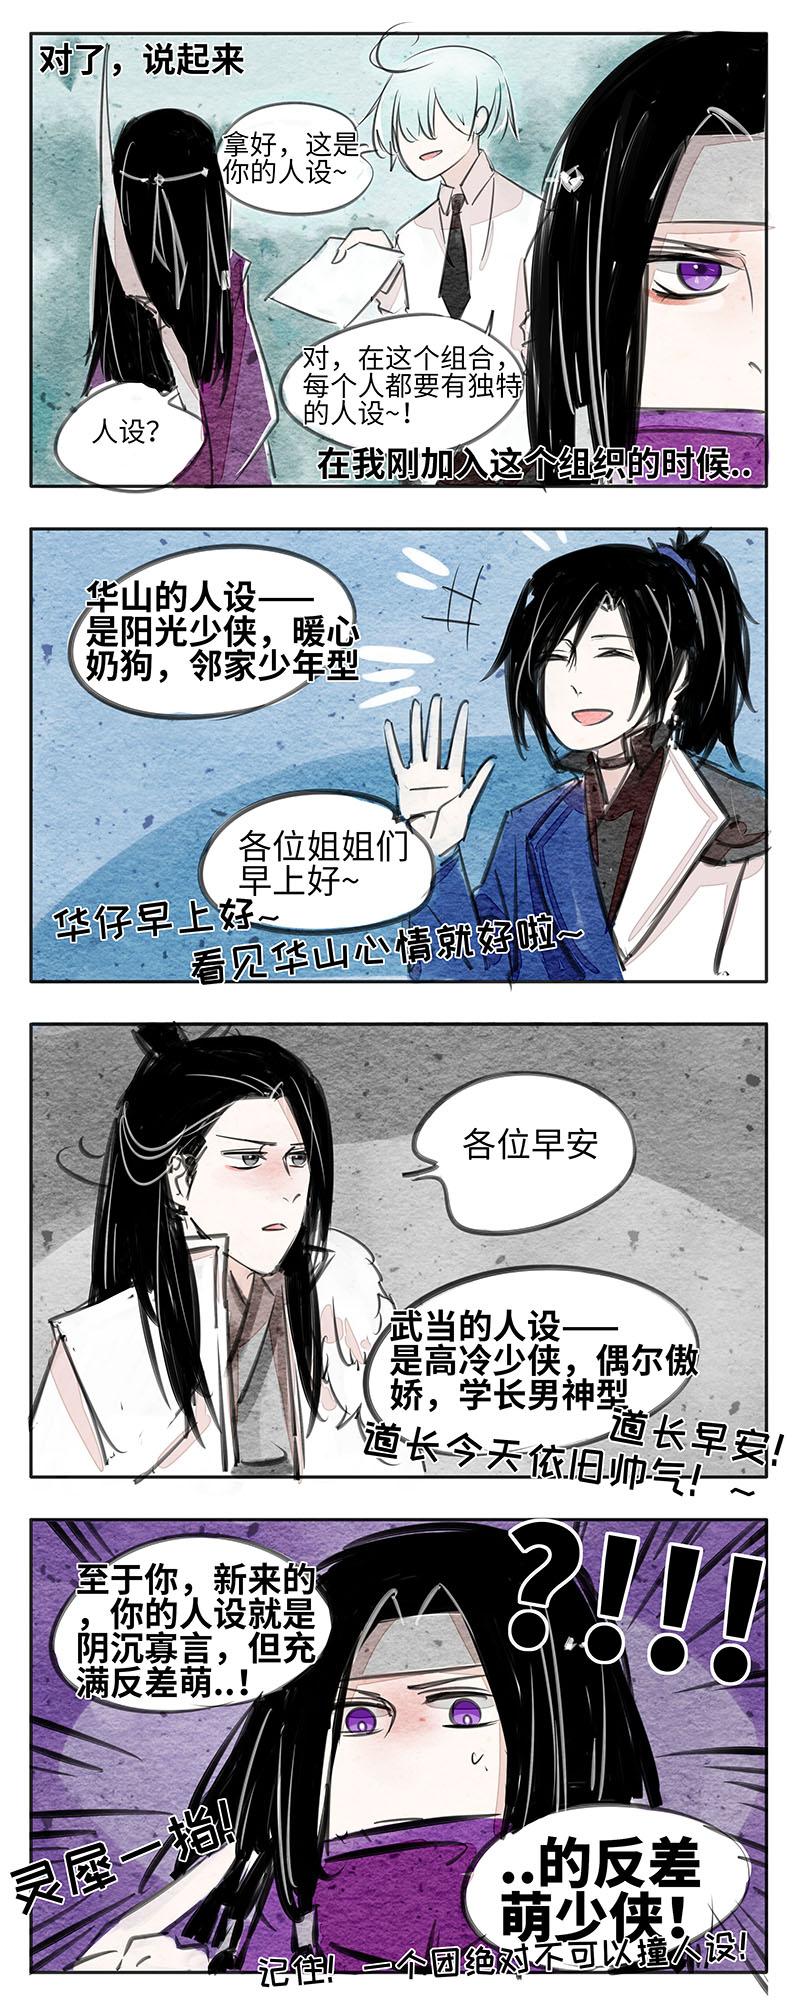 【原创作者联盟】【漫画学院】出道吧!一梦江湖!(第一话)(3)